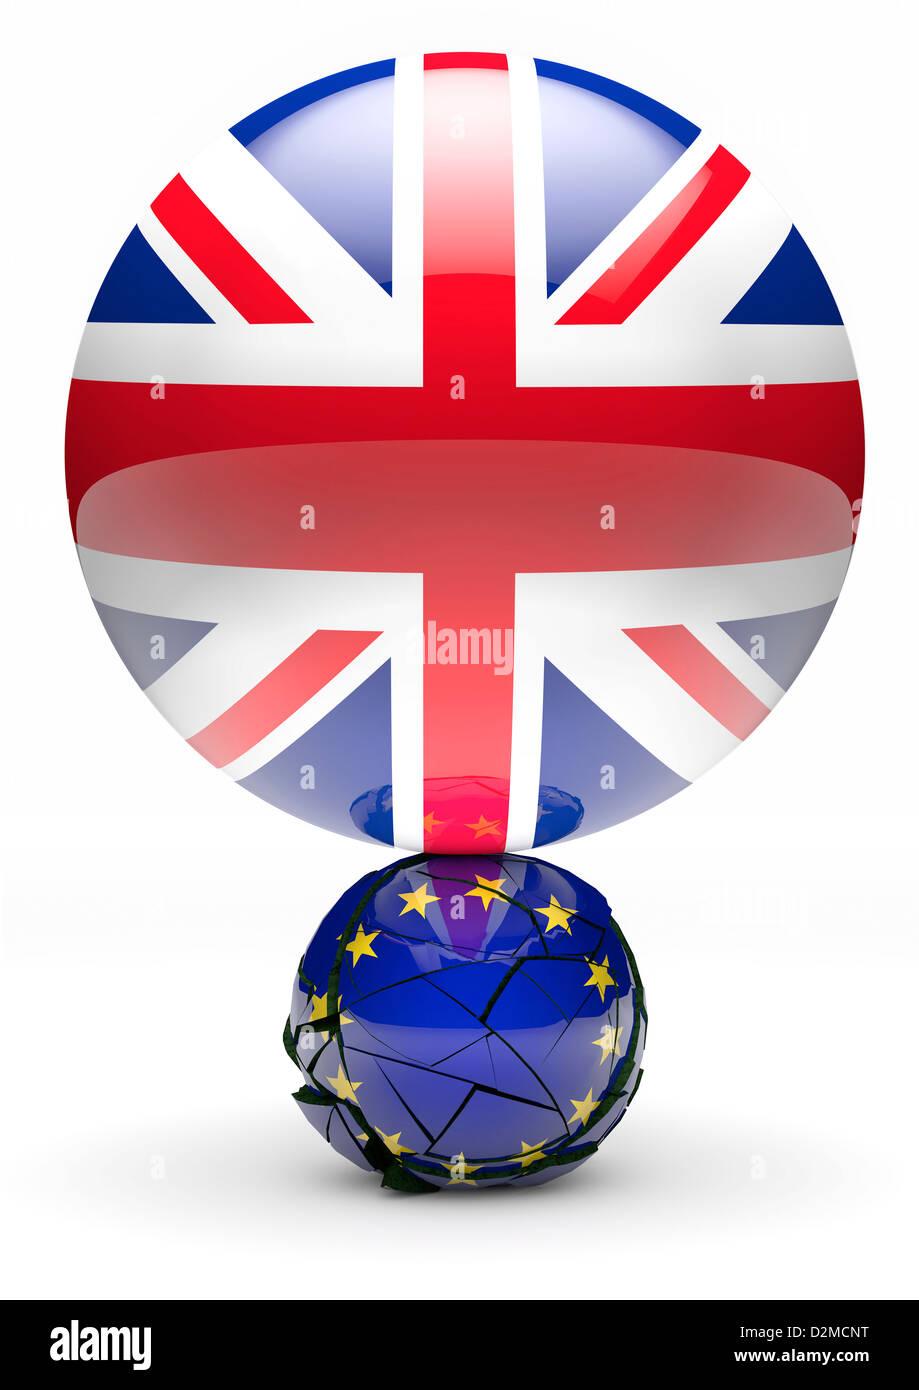 Notion de référendum UE - Union flag Drapeau européen plus petit écrasement Sphère Sphere Photo Stock